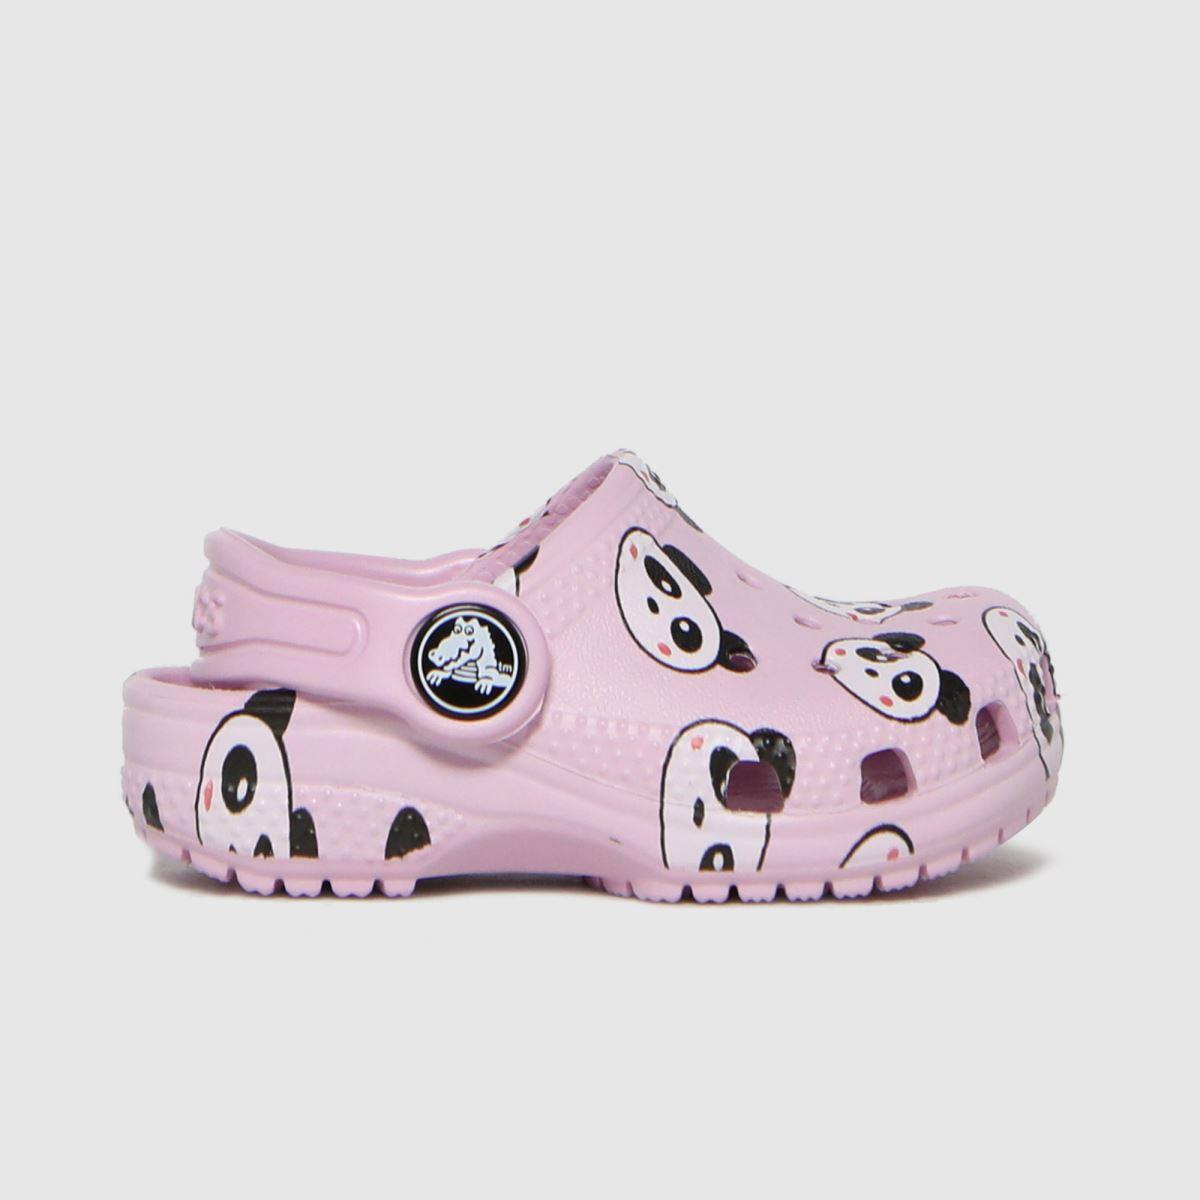 Crocs Pink Classic Clog SANDAL Toddler